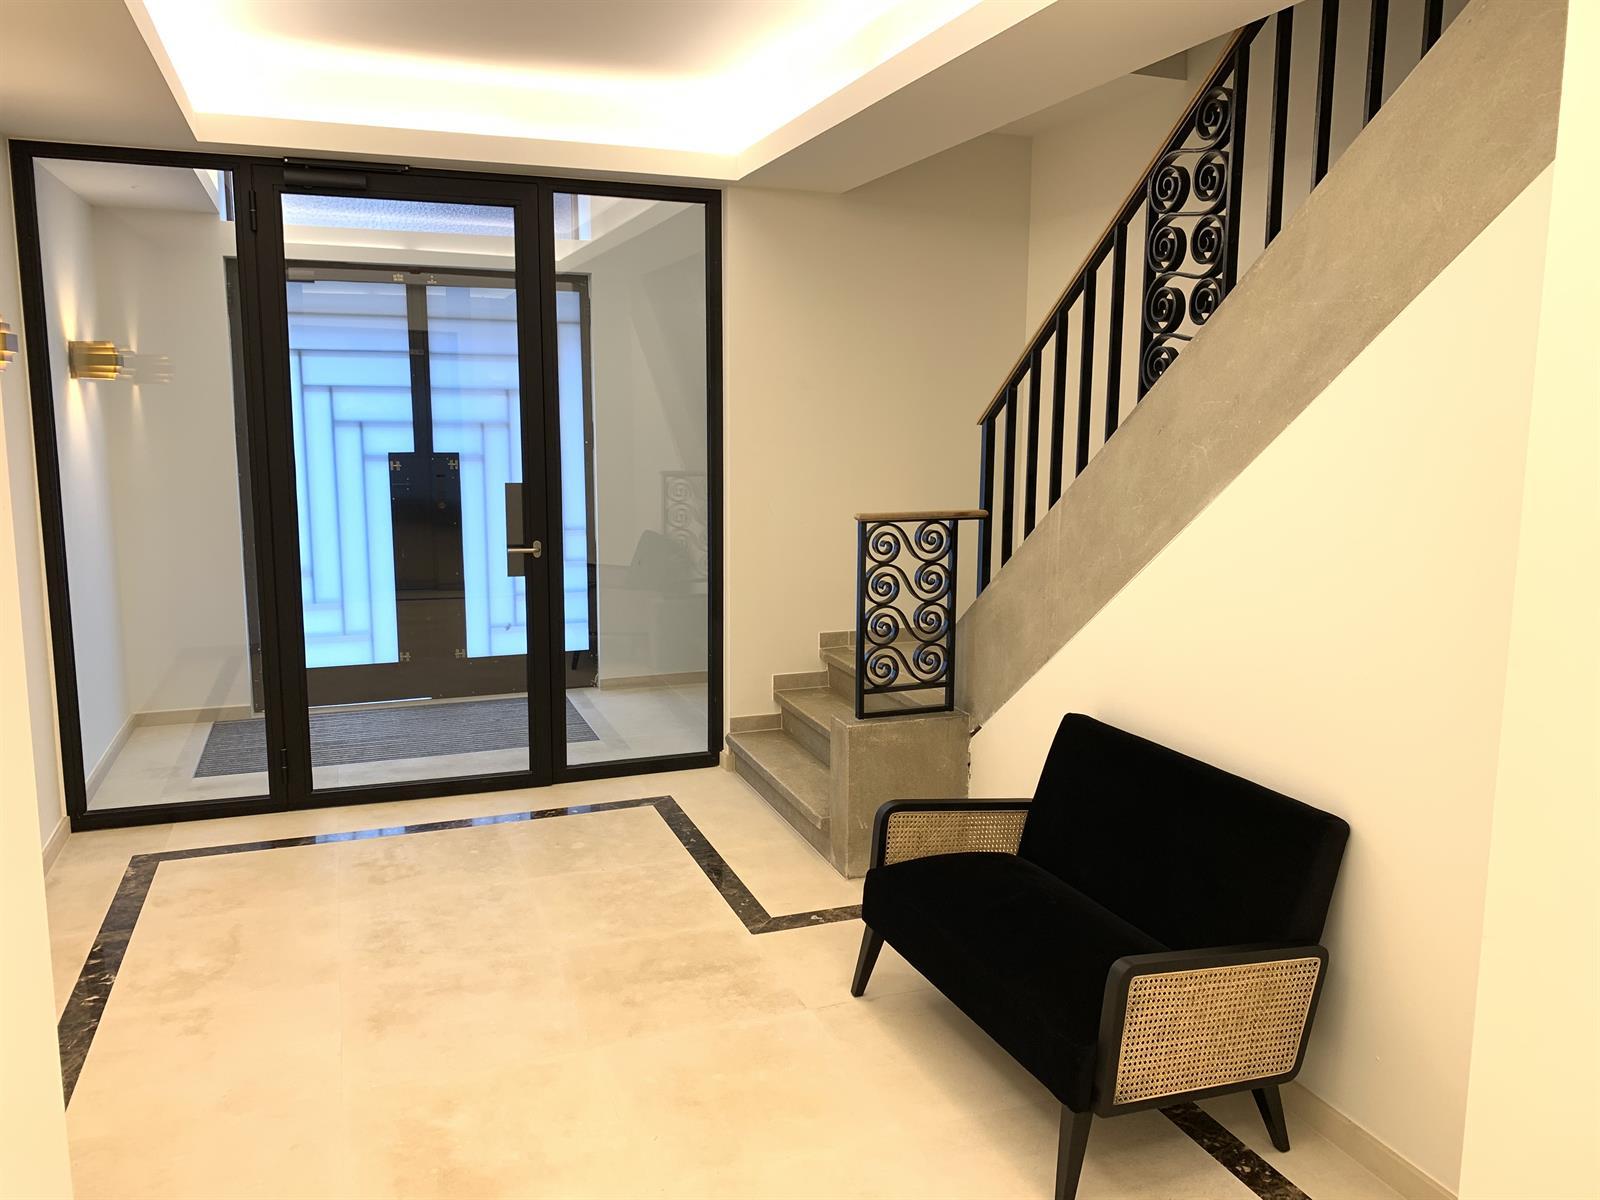 Appartement exceptionnel - Ixelles - #3965099-12